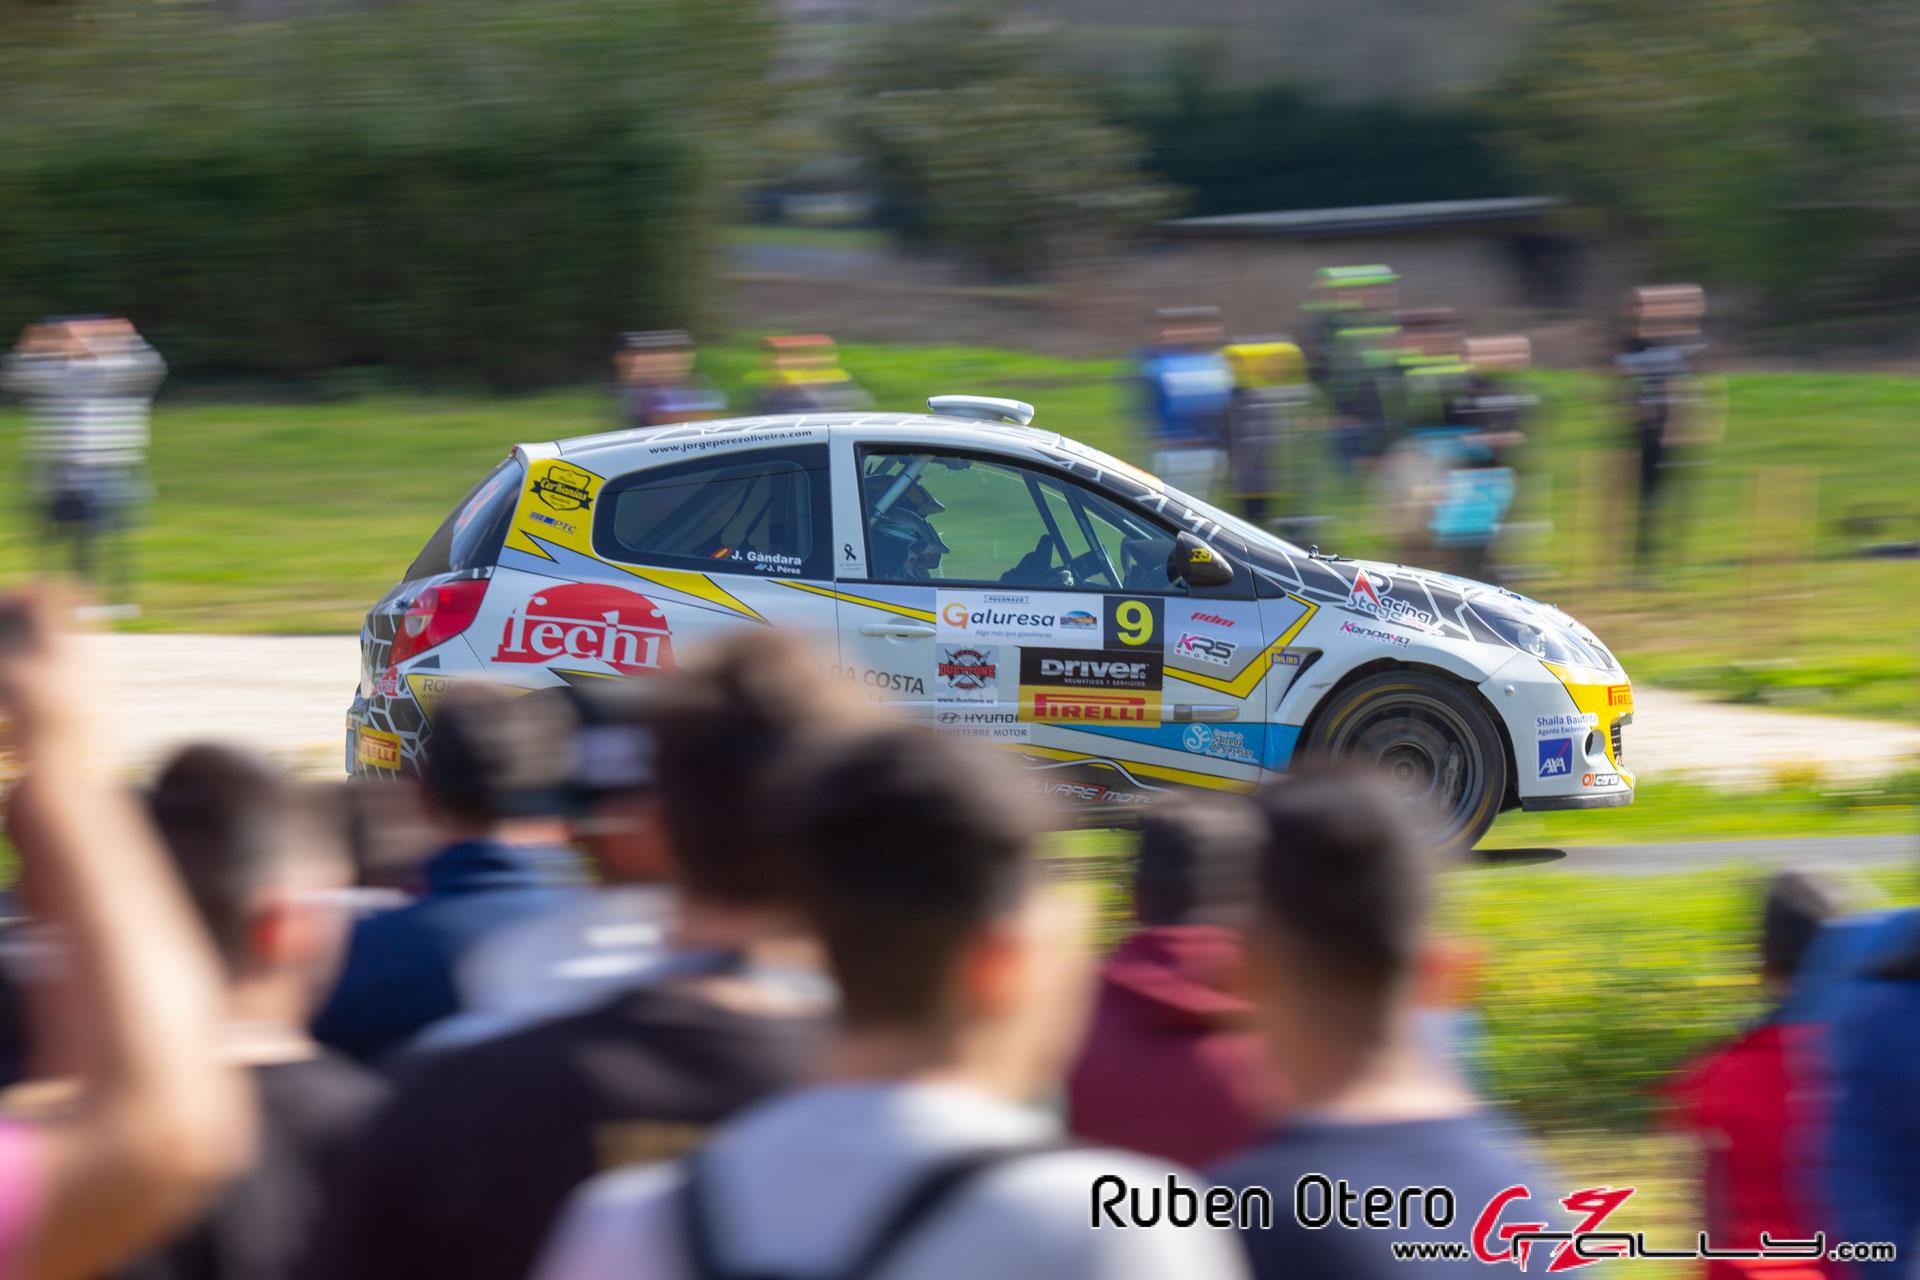 Rally de A Coruña 2019 - Ruben Otero